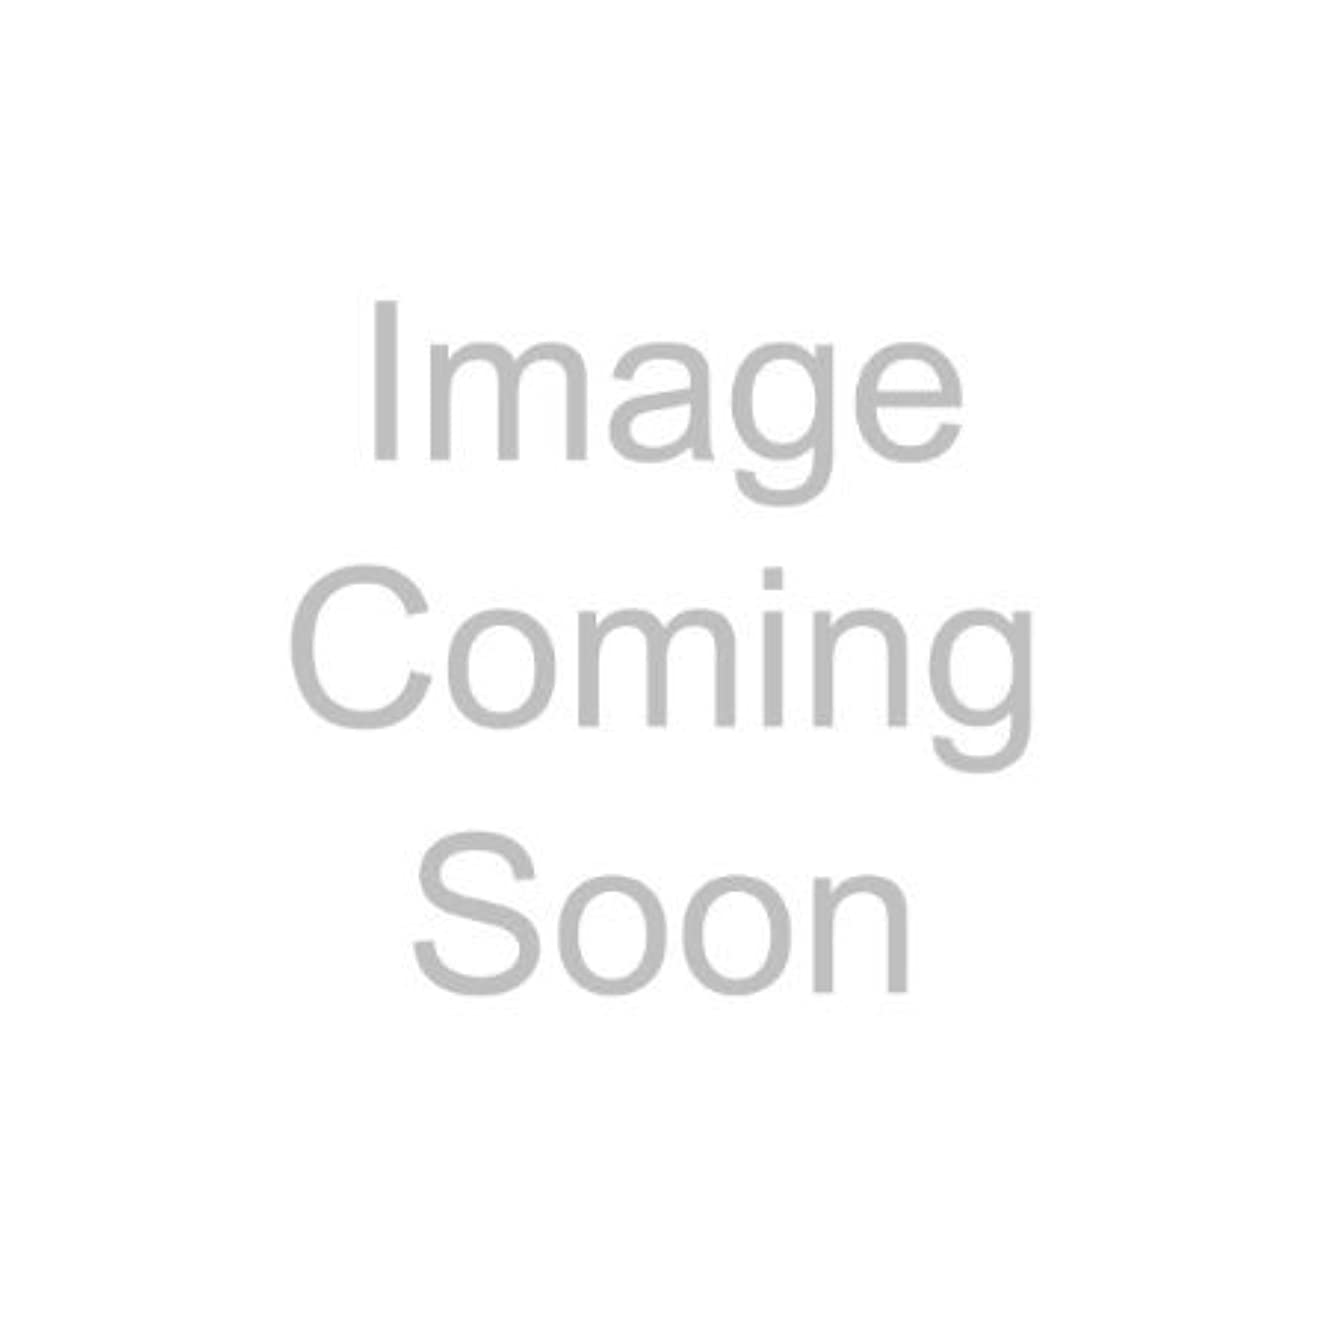 人形完全にワイプエリザベスアーデン ビジブル ホワイトニング メラニン コントロール ナイトカプセル トラベルセット 17.2mlx3(37カプセルx3) [並行輸入品]